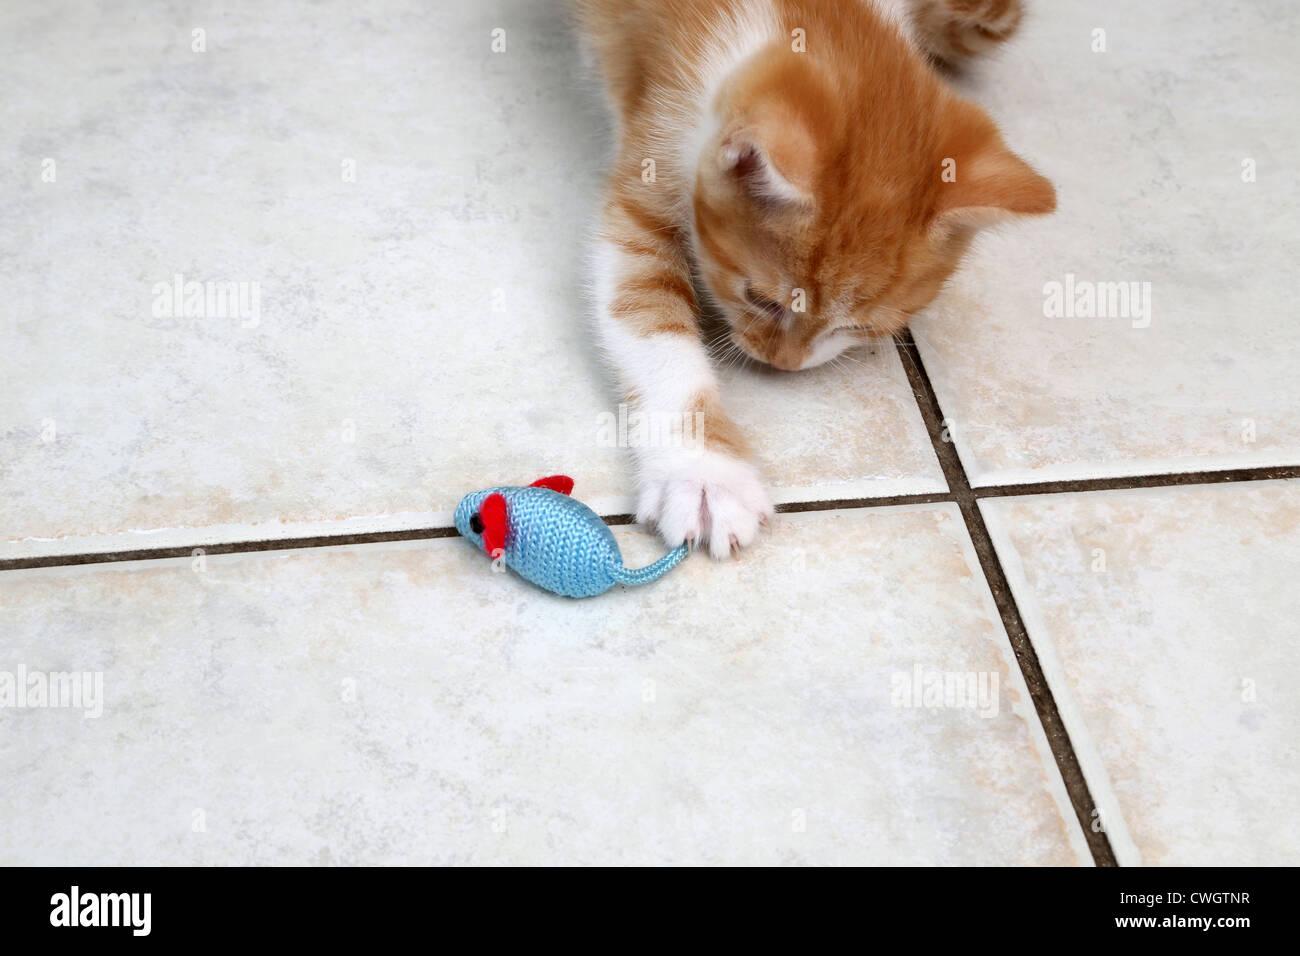 Ingwer und weiße Kätzchen spielen mit einem Spielzeug-Maus Stockfoto